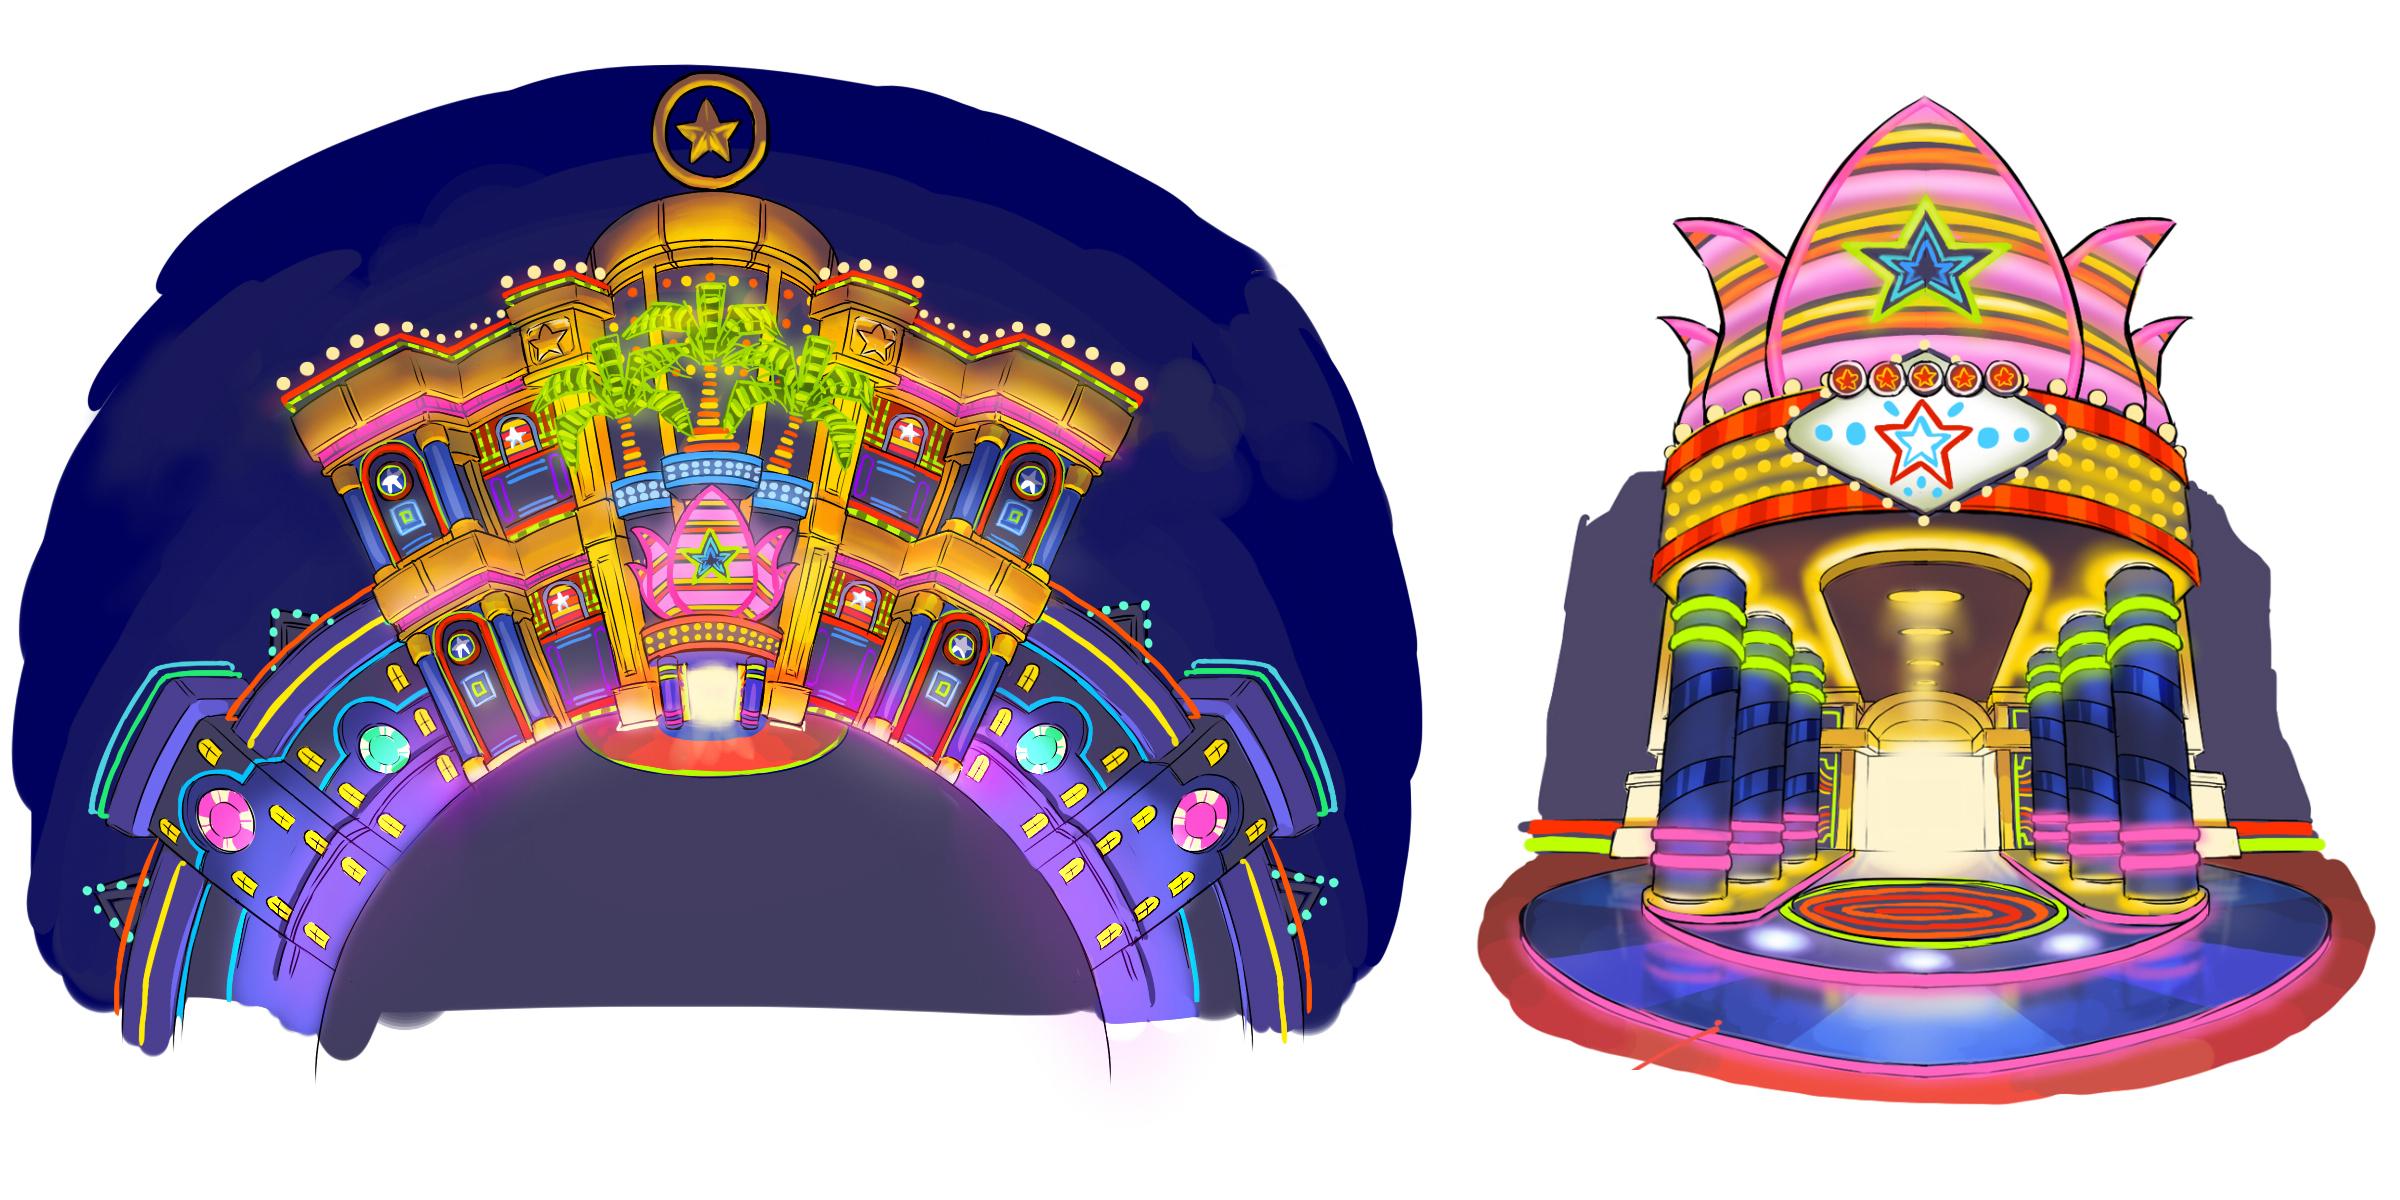 File:SLW CA Casino Concepts.jpg